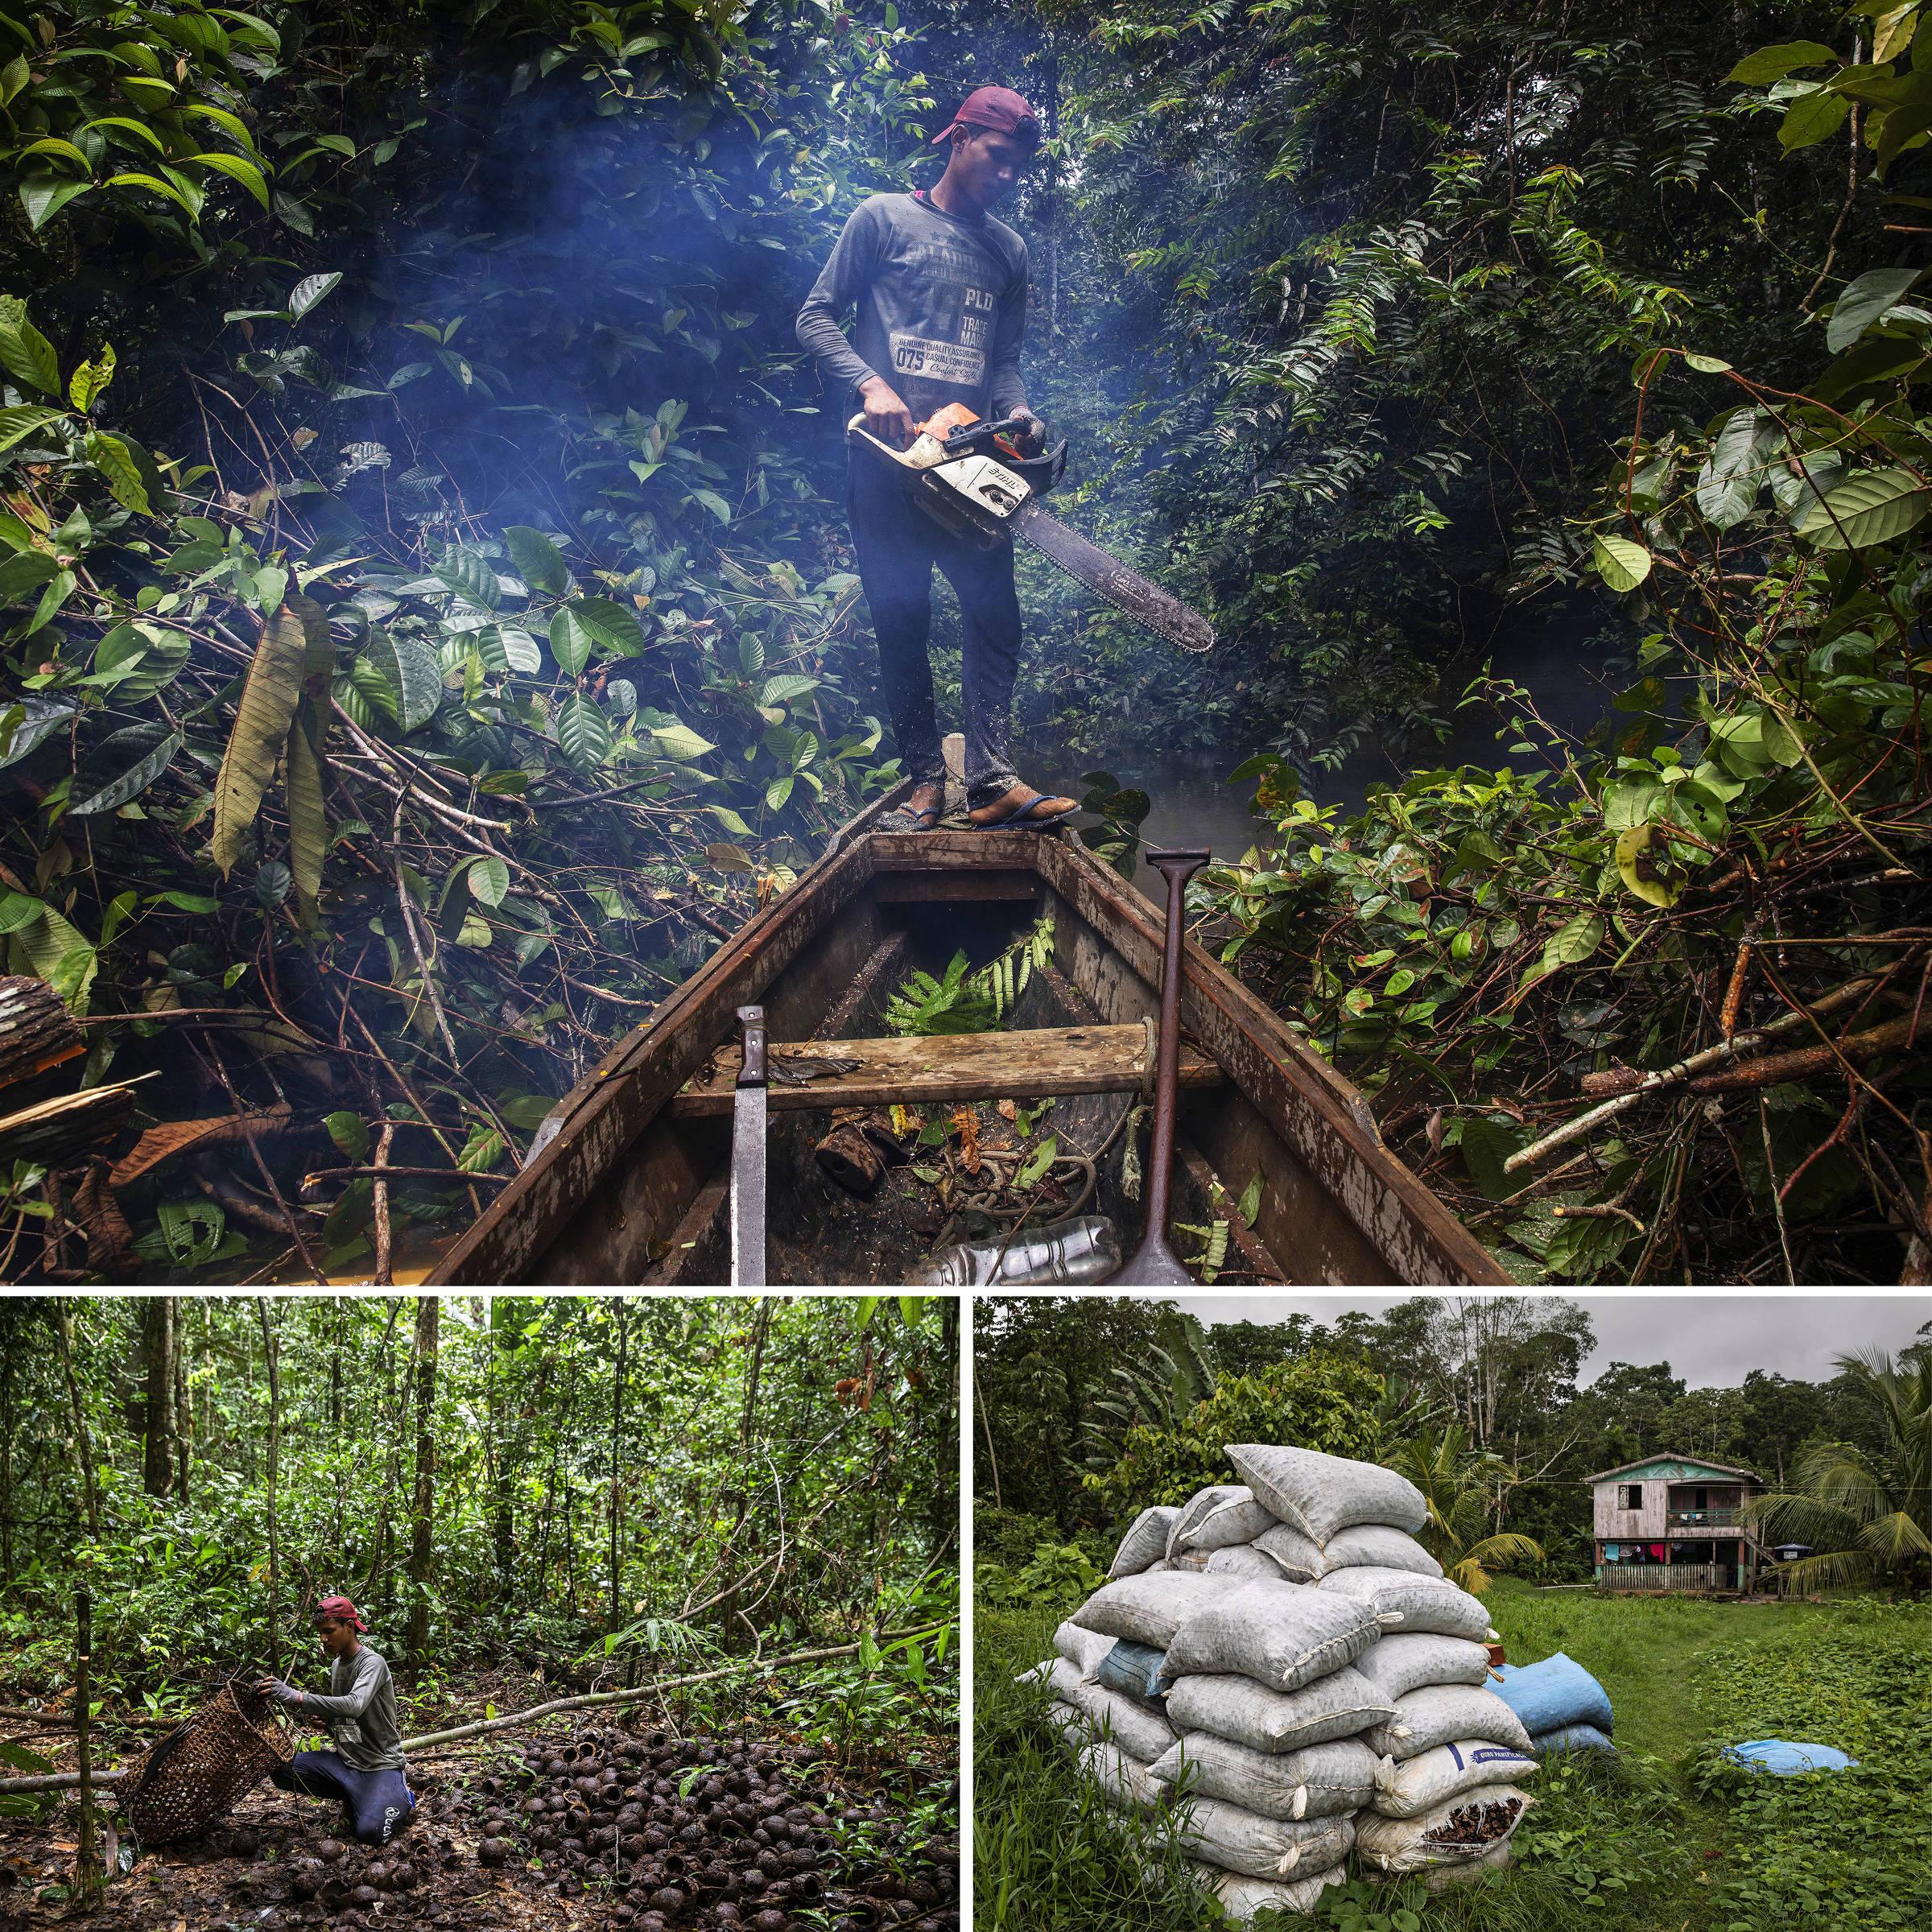 Jasson Oliveira do Nascimento, morador da Reserva Extrativista Arapixi, corta a vegetação para abrir caminho para a canoa no igarapé que leva ao Projeto de Assentamento Extrativista Antimary, onde coleta castanhas